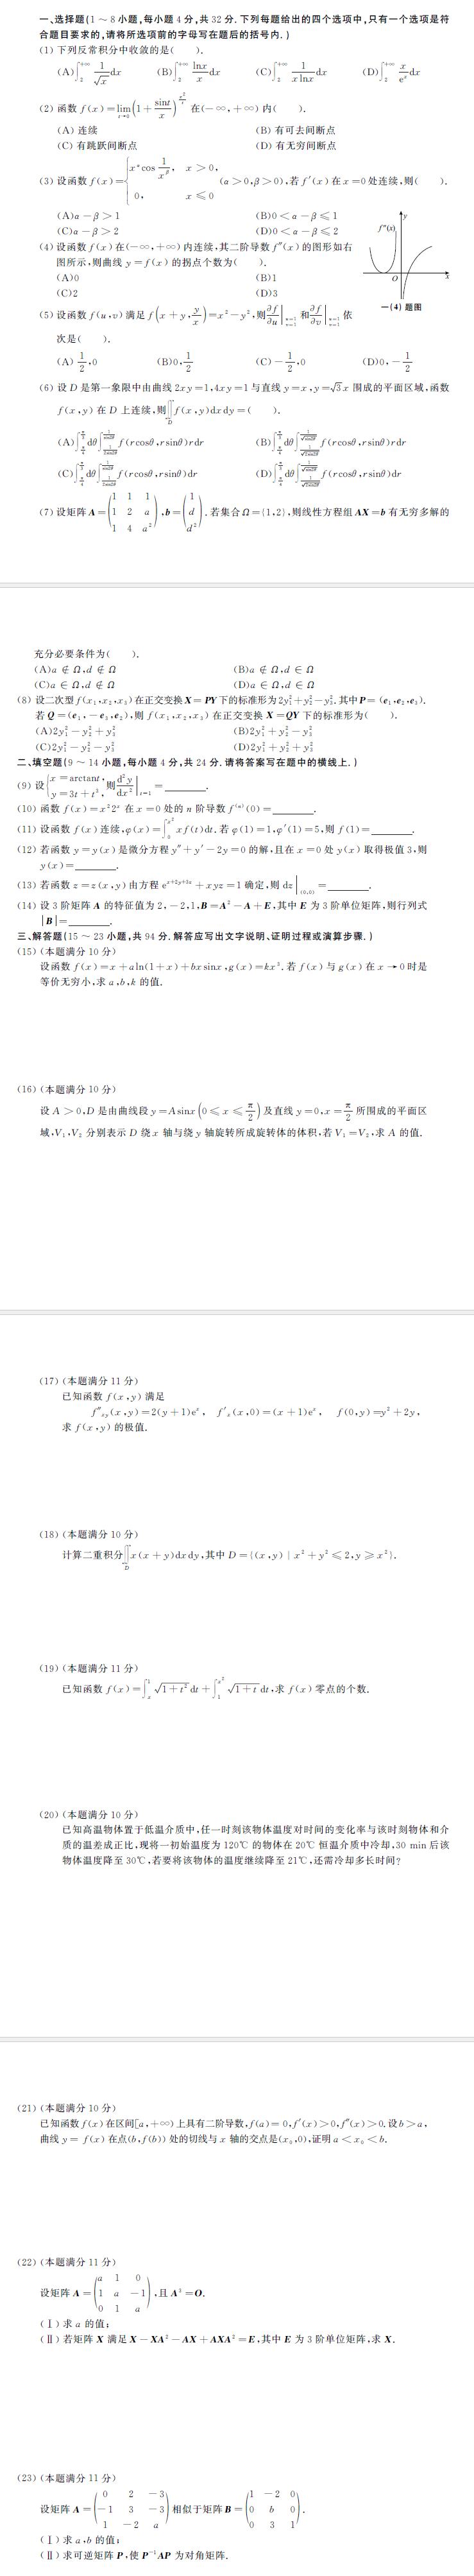 考研数学二